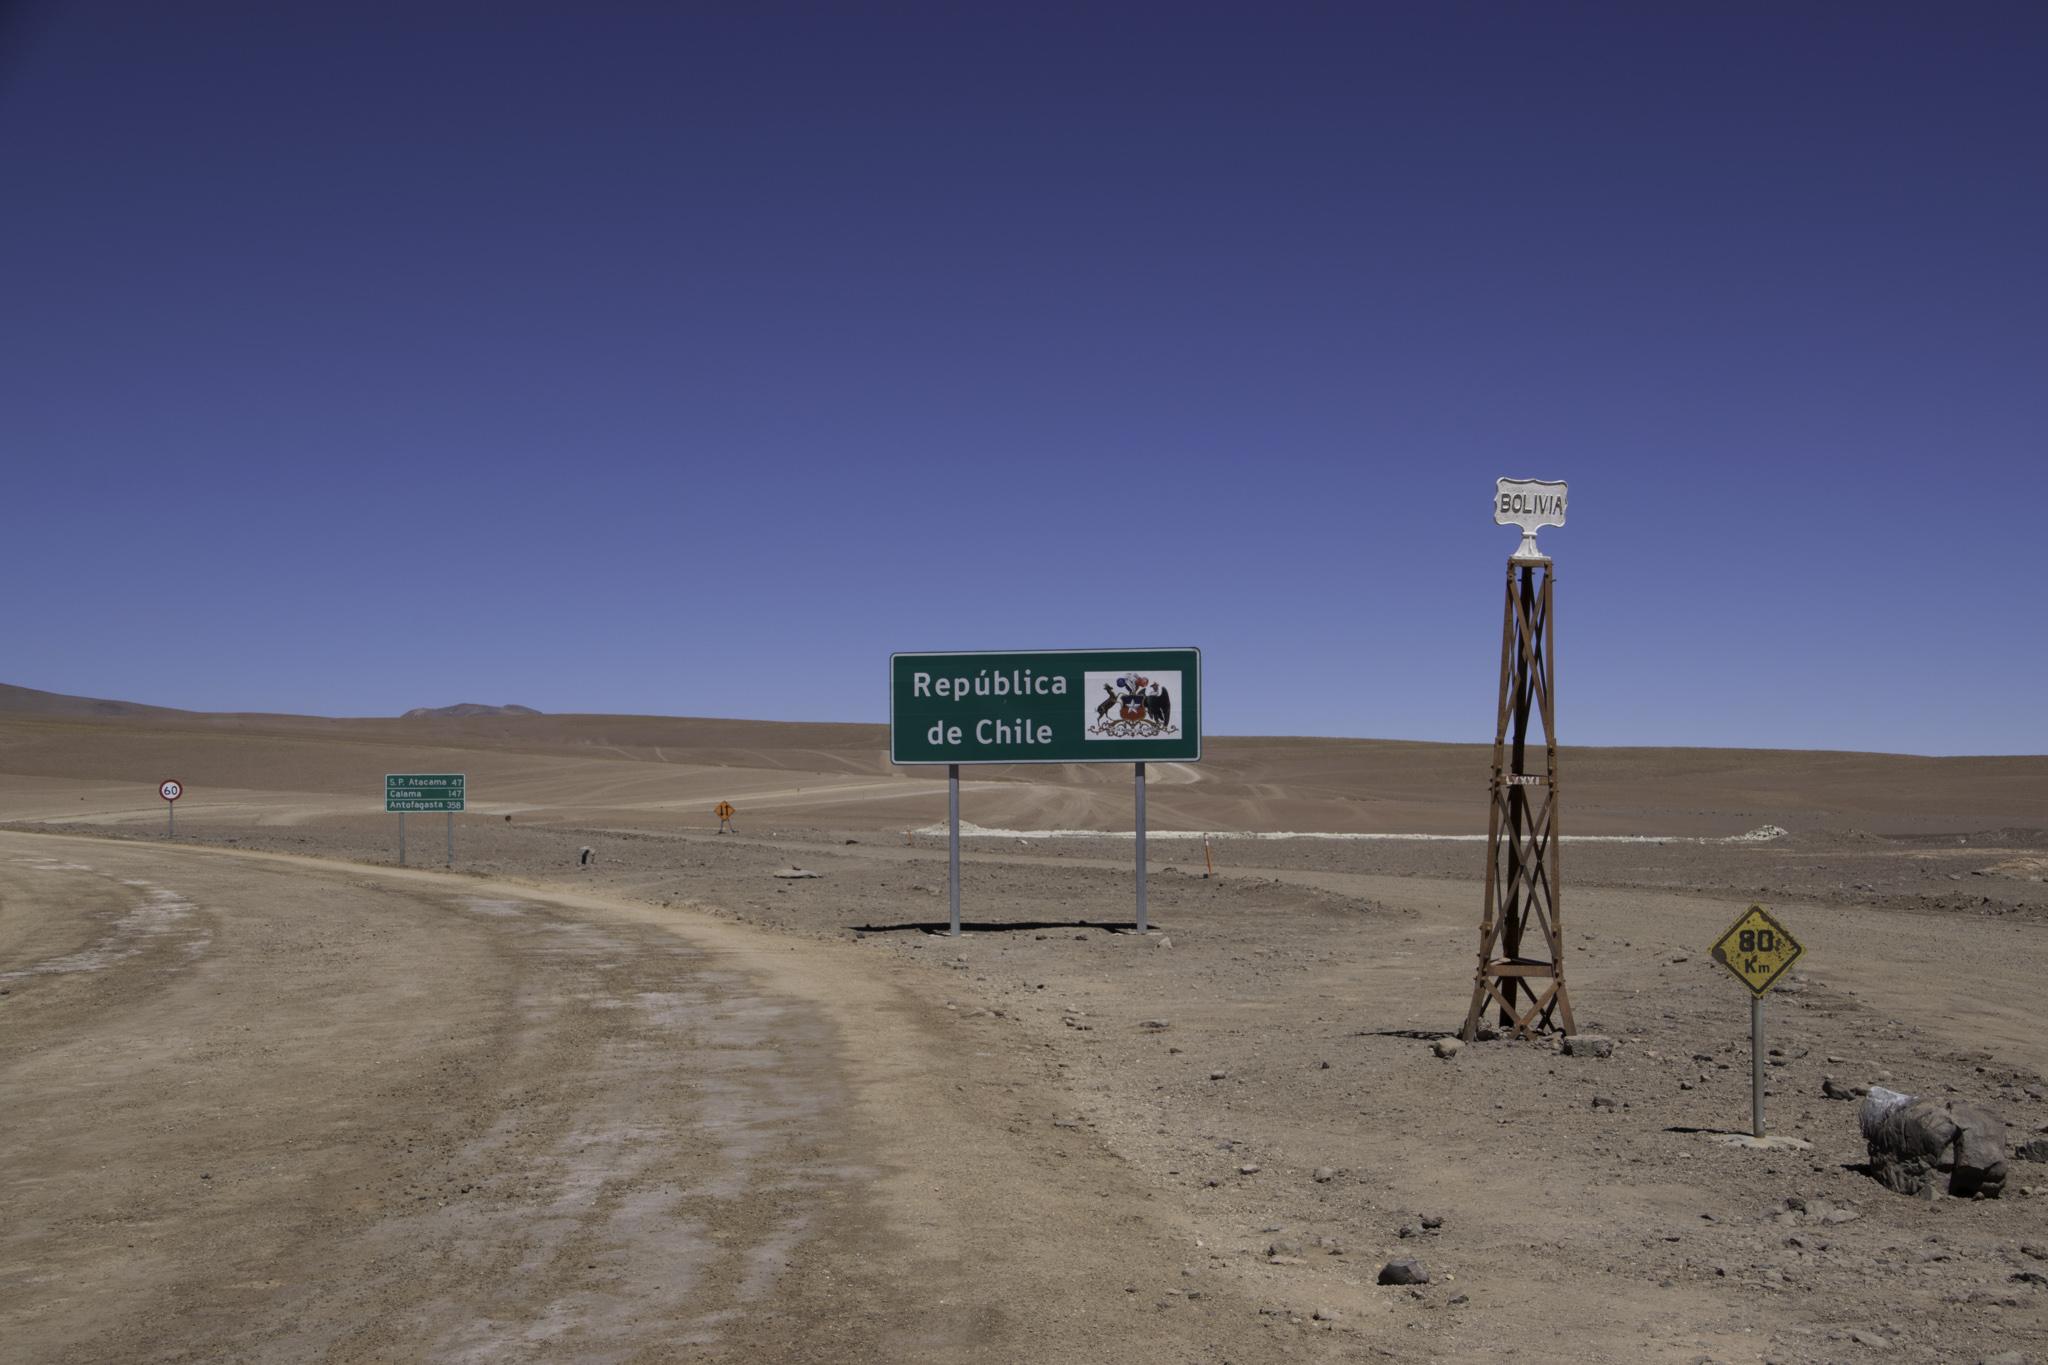 Einreise nach Chile